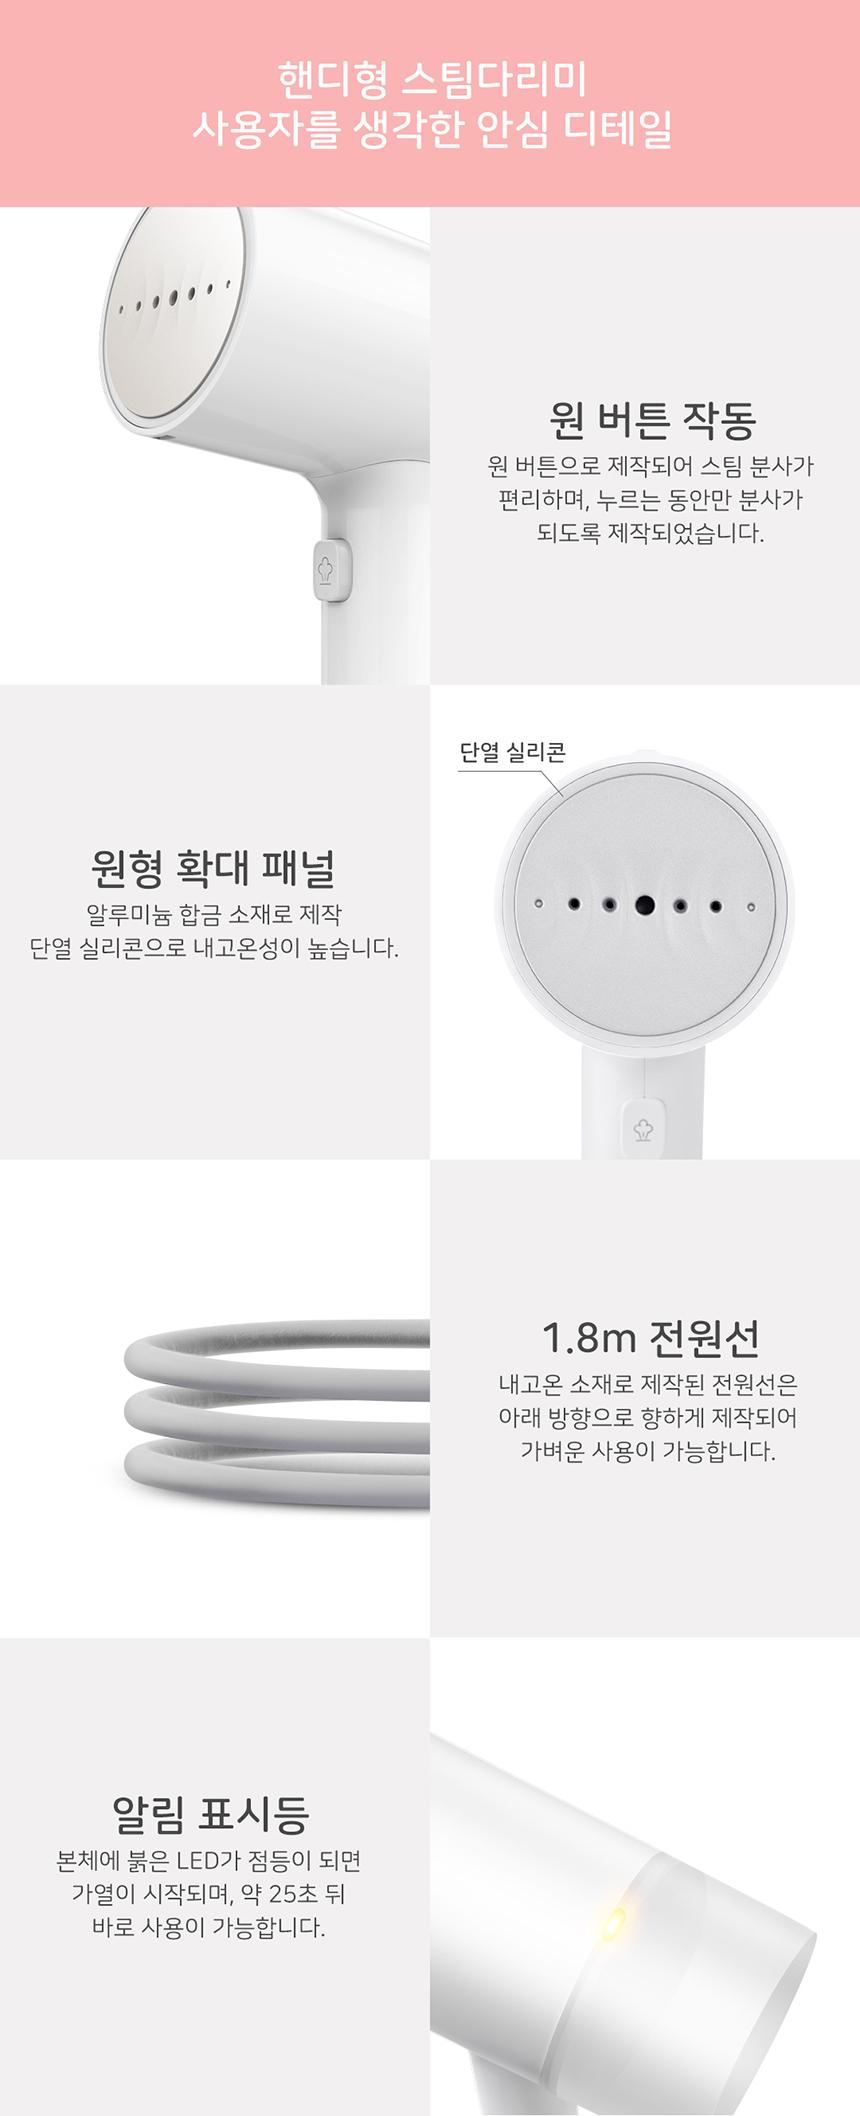 샤오미 LOFANS 핸디형 스팀다리미 국내 정식발매 - 원모어, 59,900원, 다리미/보풀제거기, 스팀 다리미